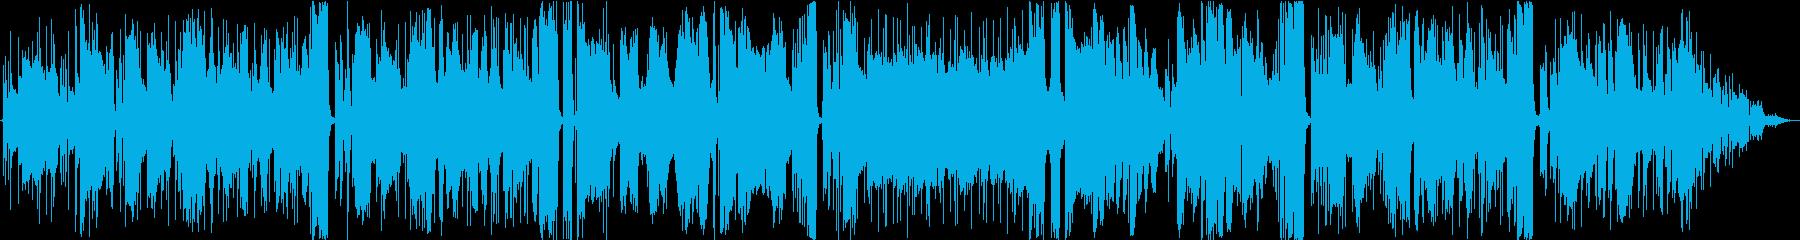 軽薄なムードで演奏するブルージージ...の再生済みの波形